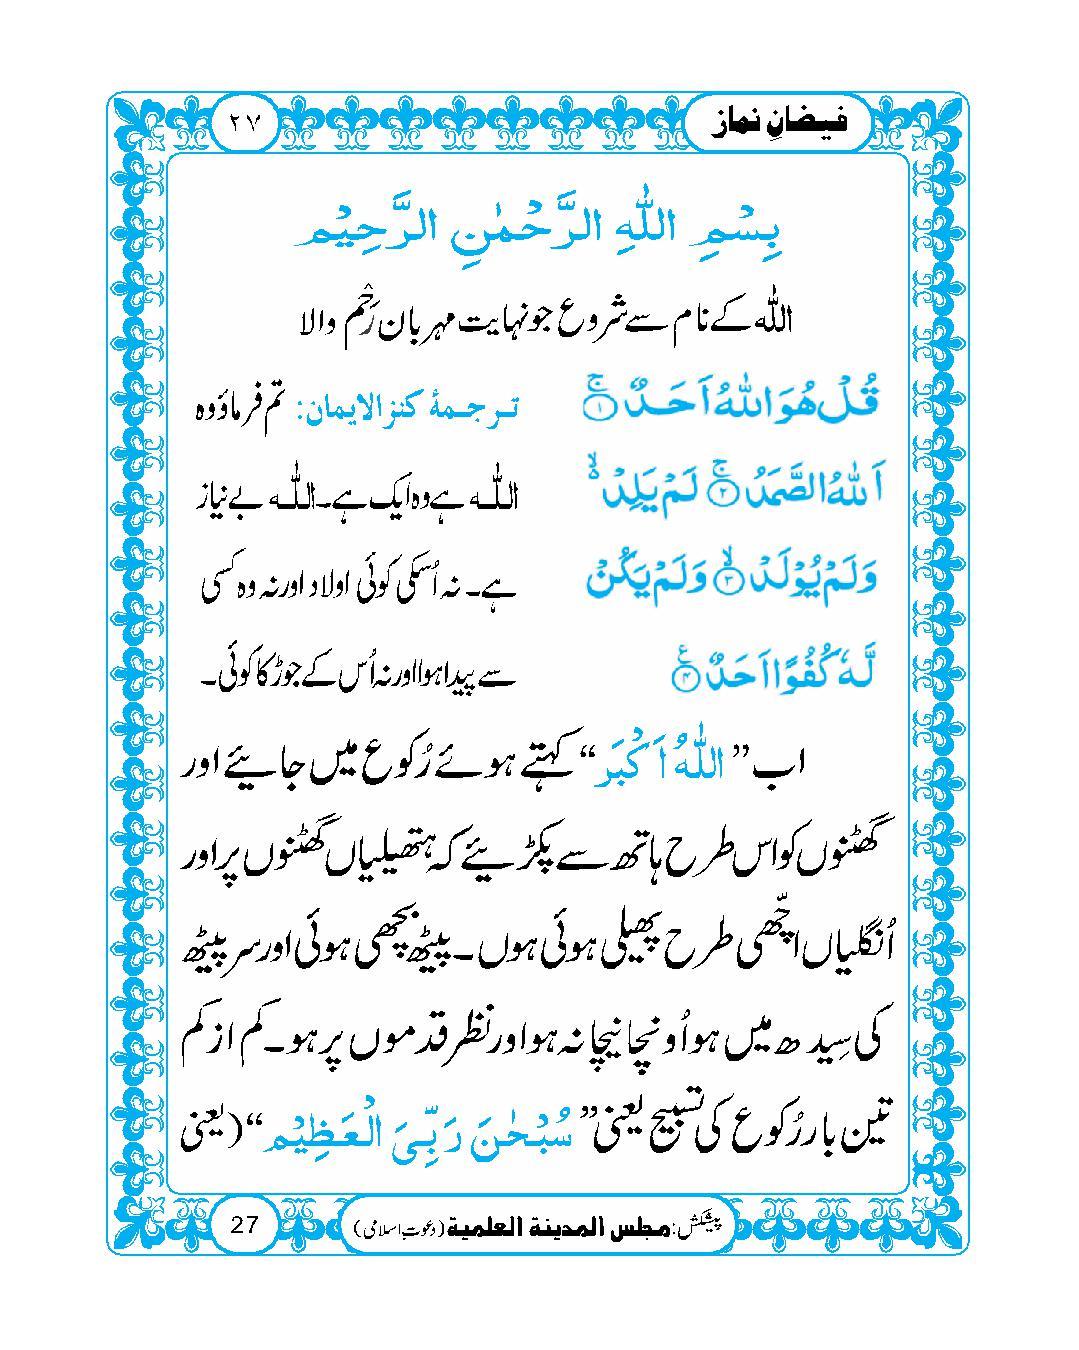 page No 27